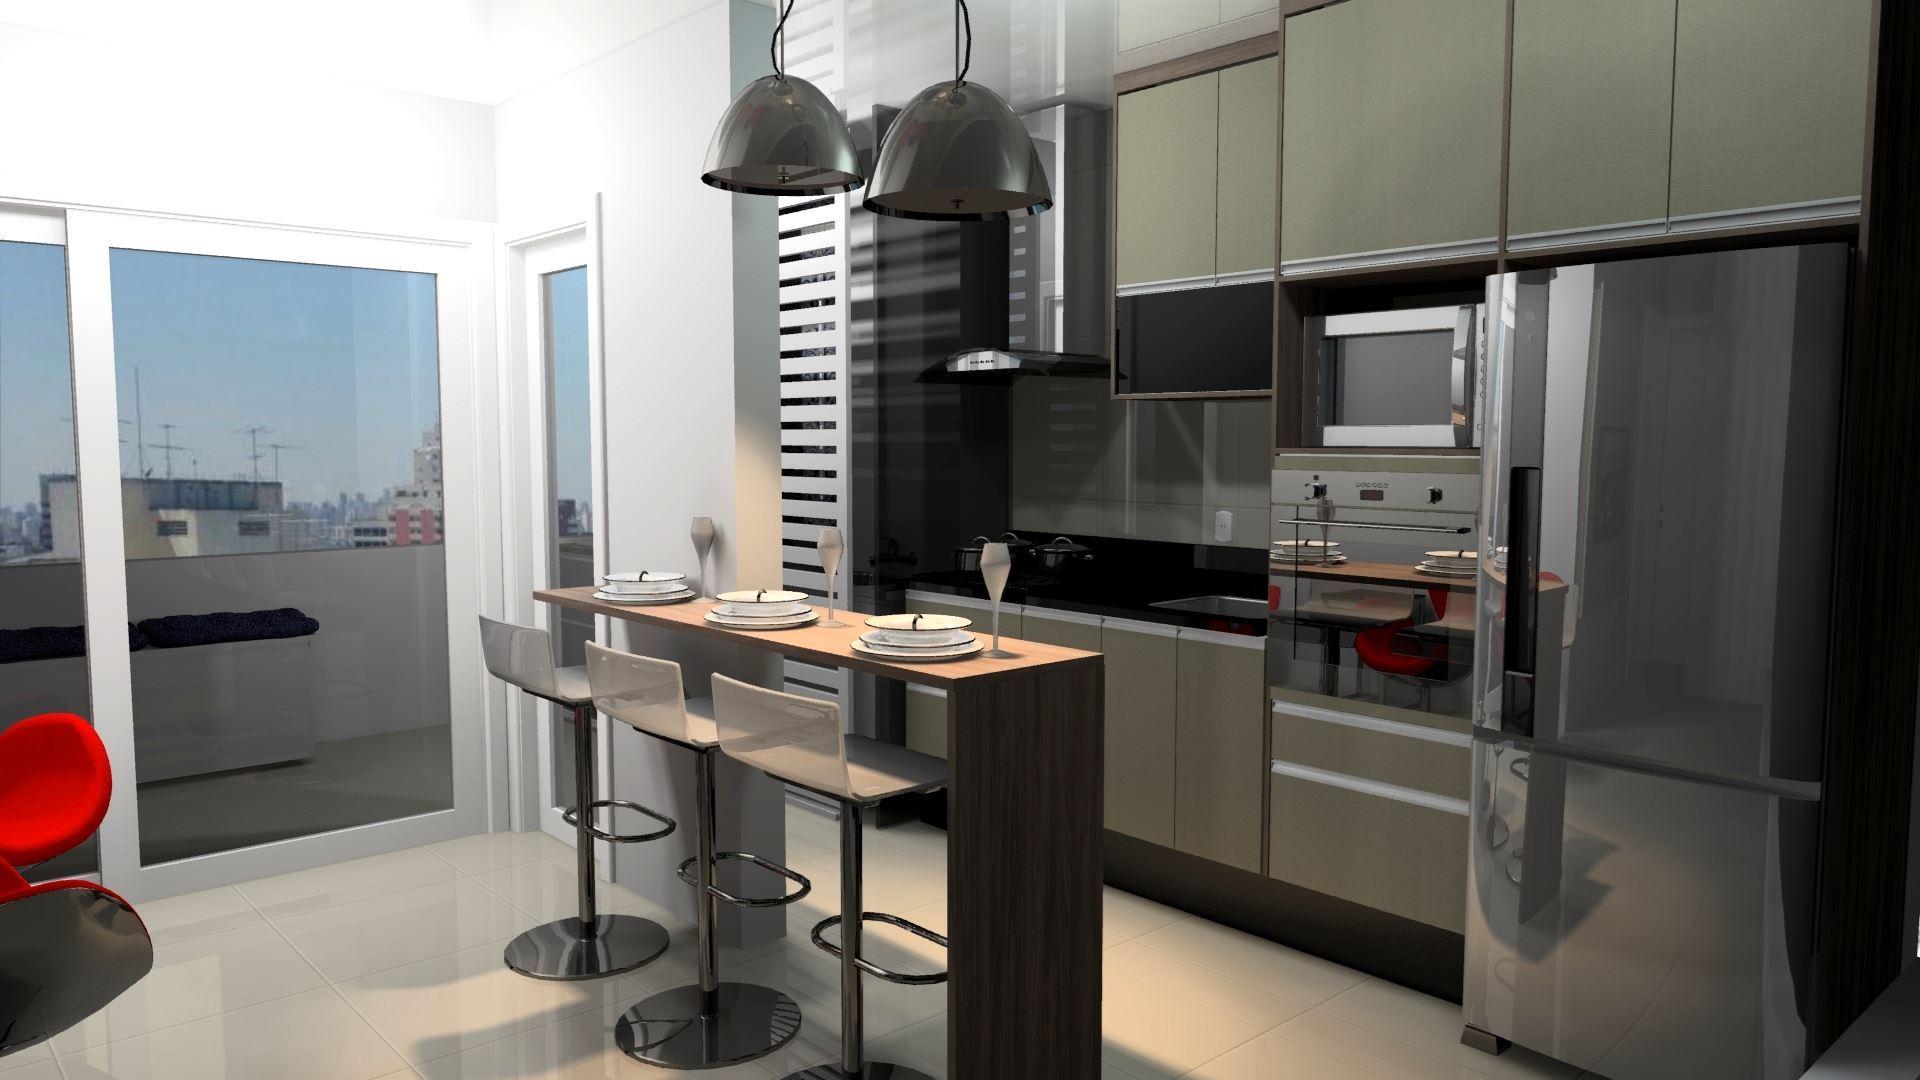 Cozinha com ótima funcionalidade e praticidade